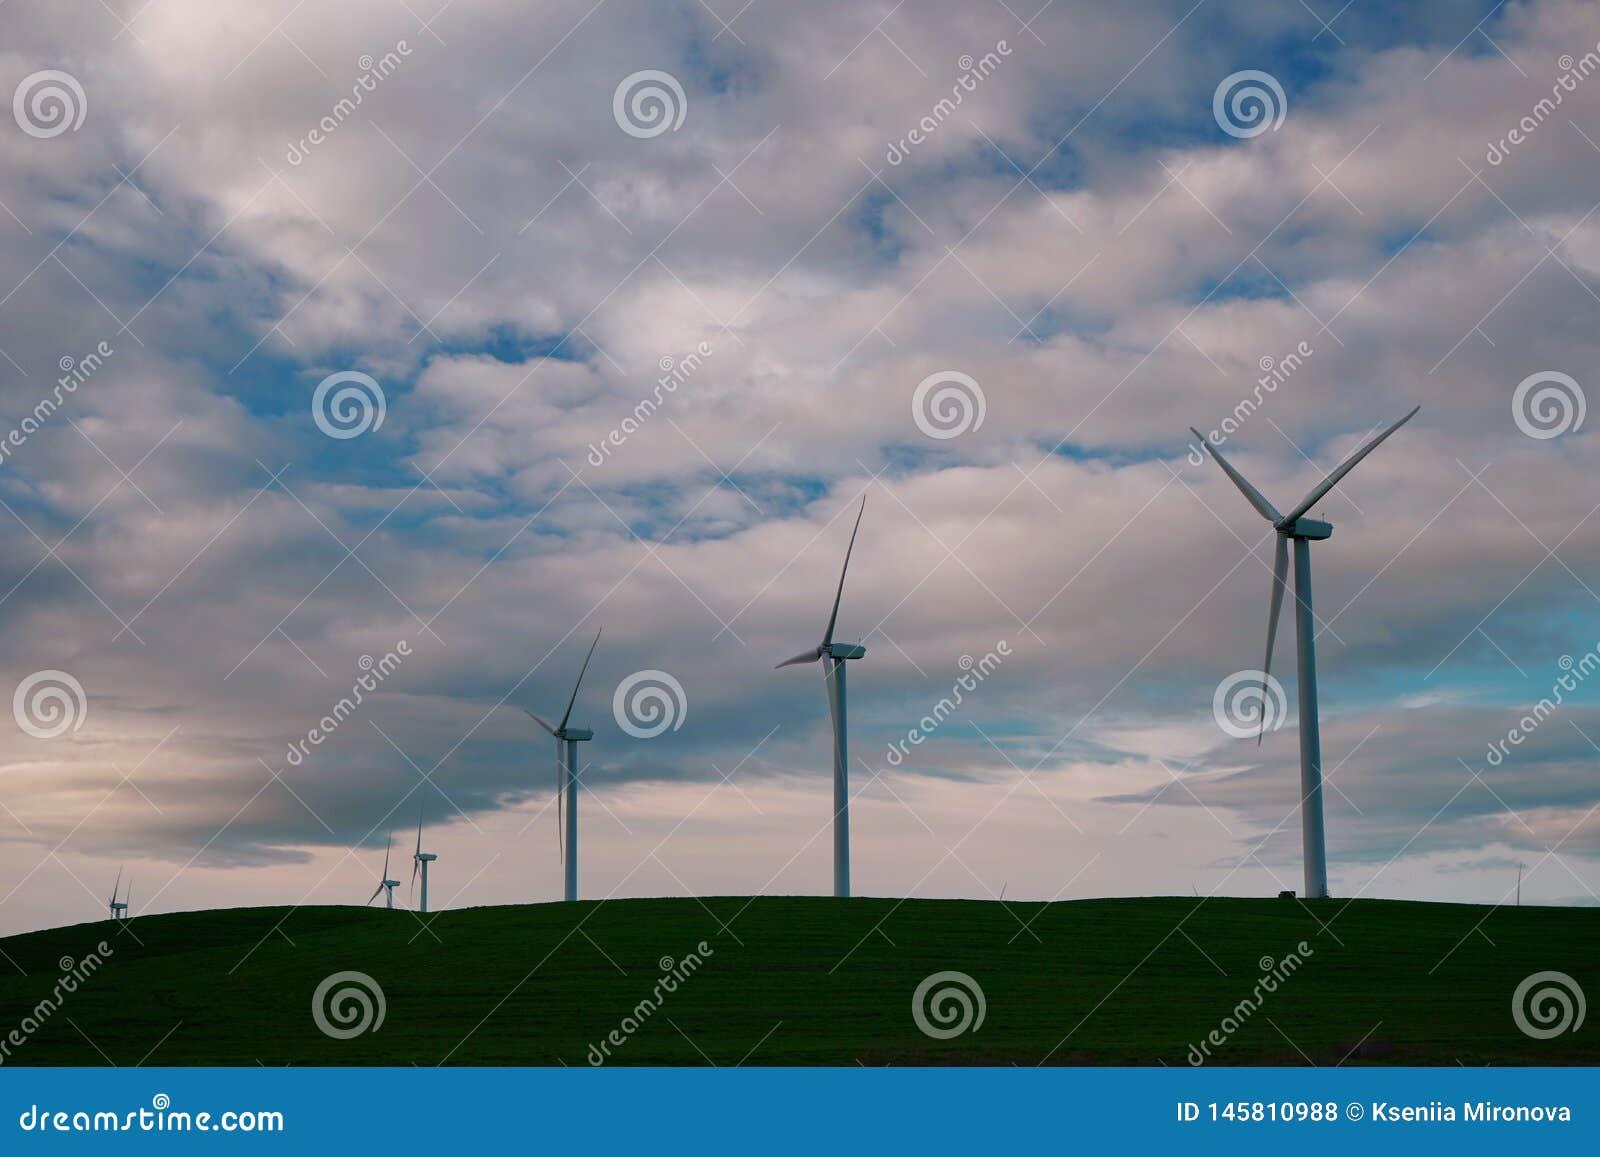 Le turbine del mulino a vento sono primo piano contro il contesto delle nuvole del tramonto